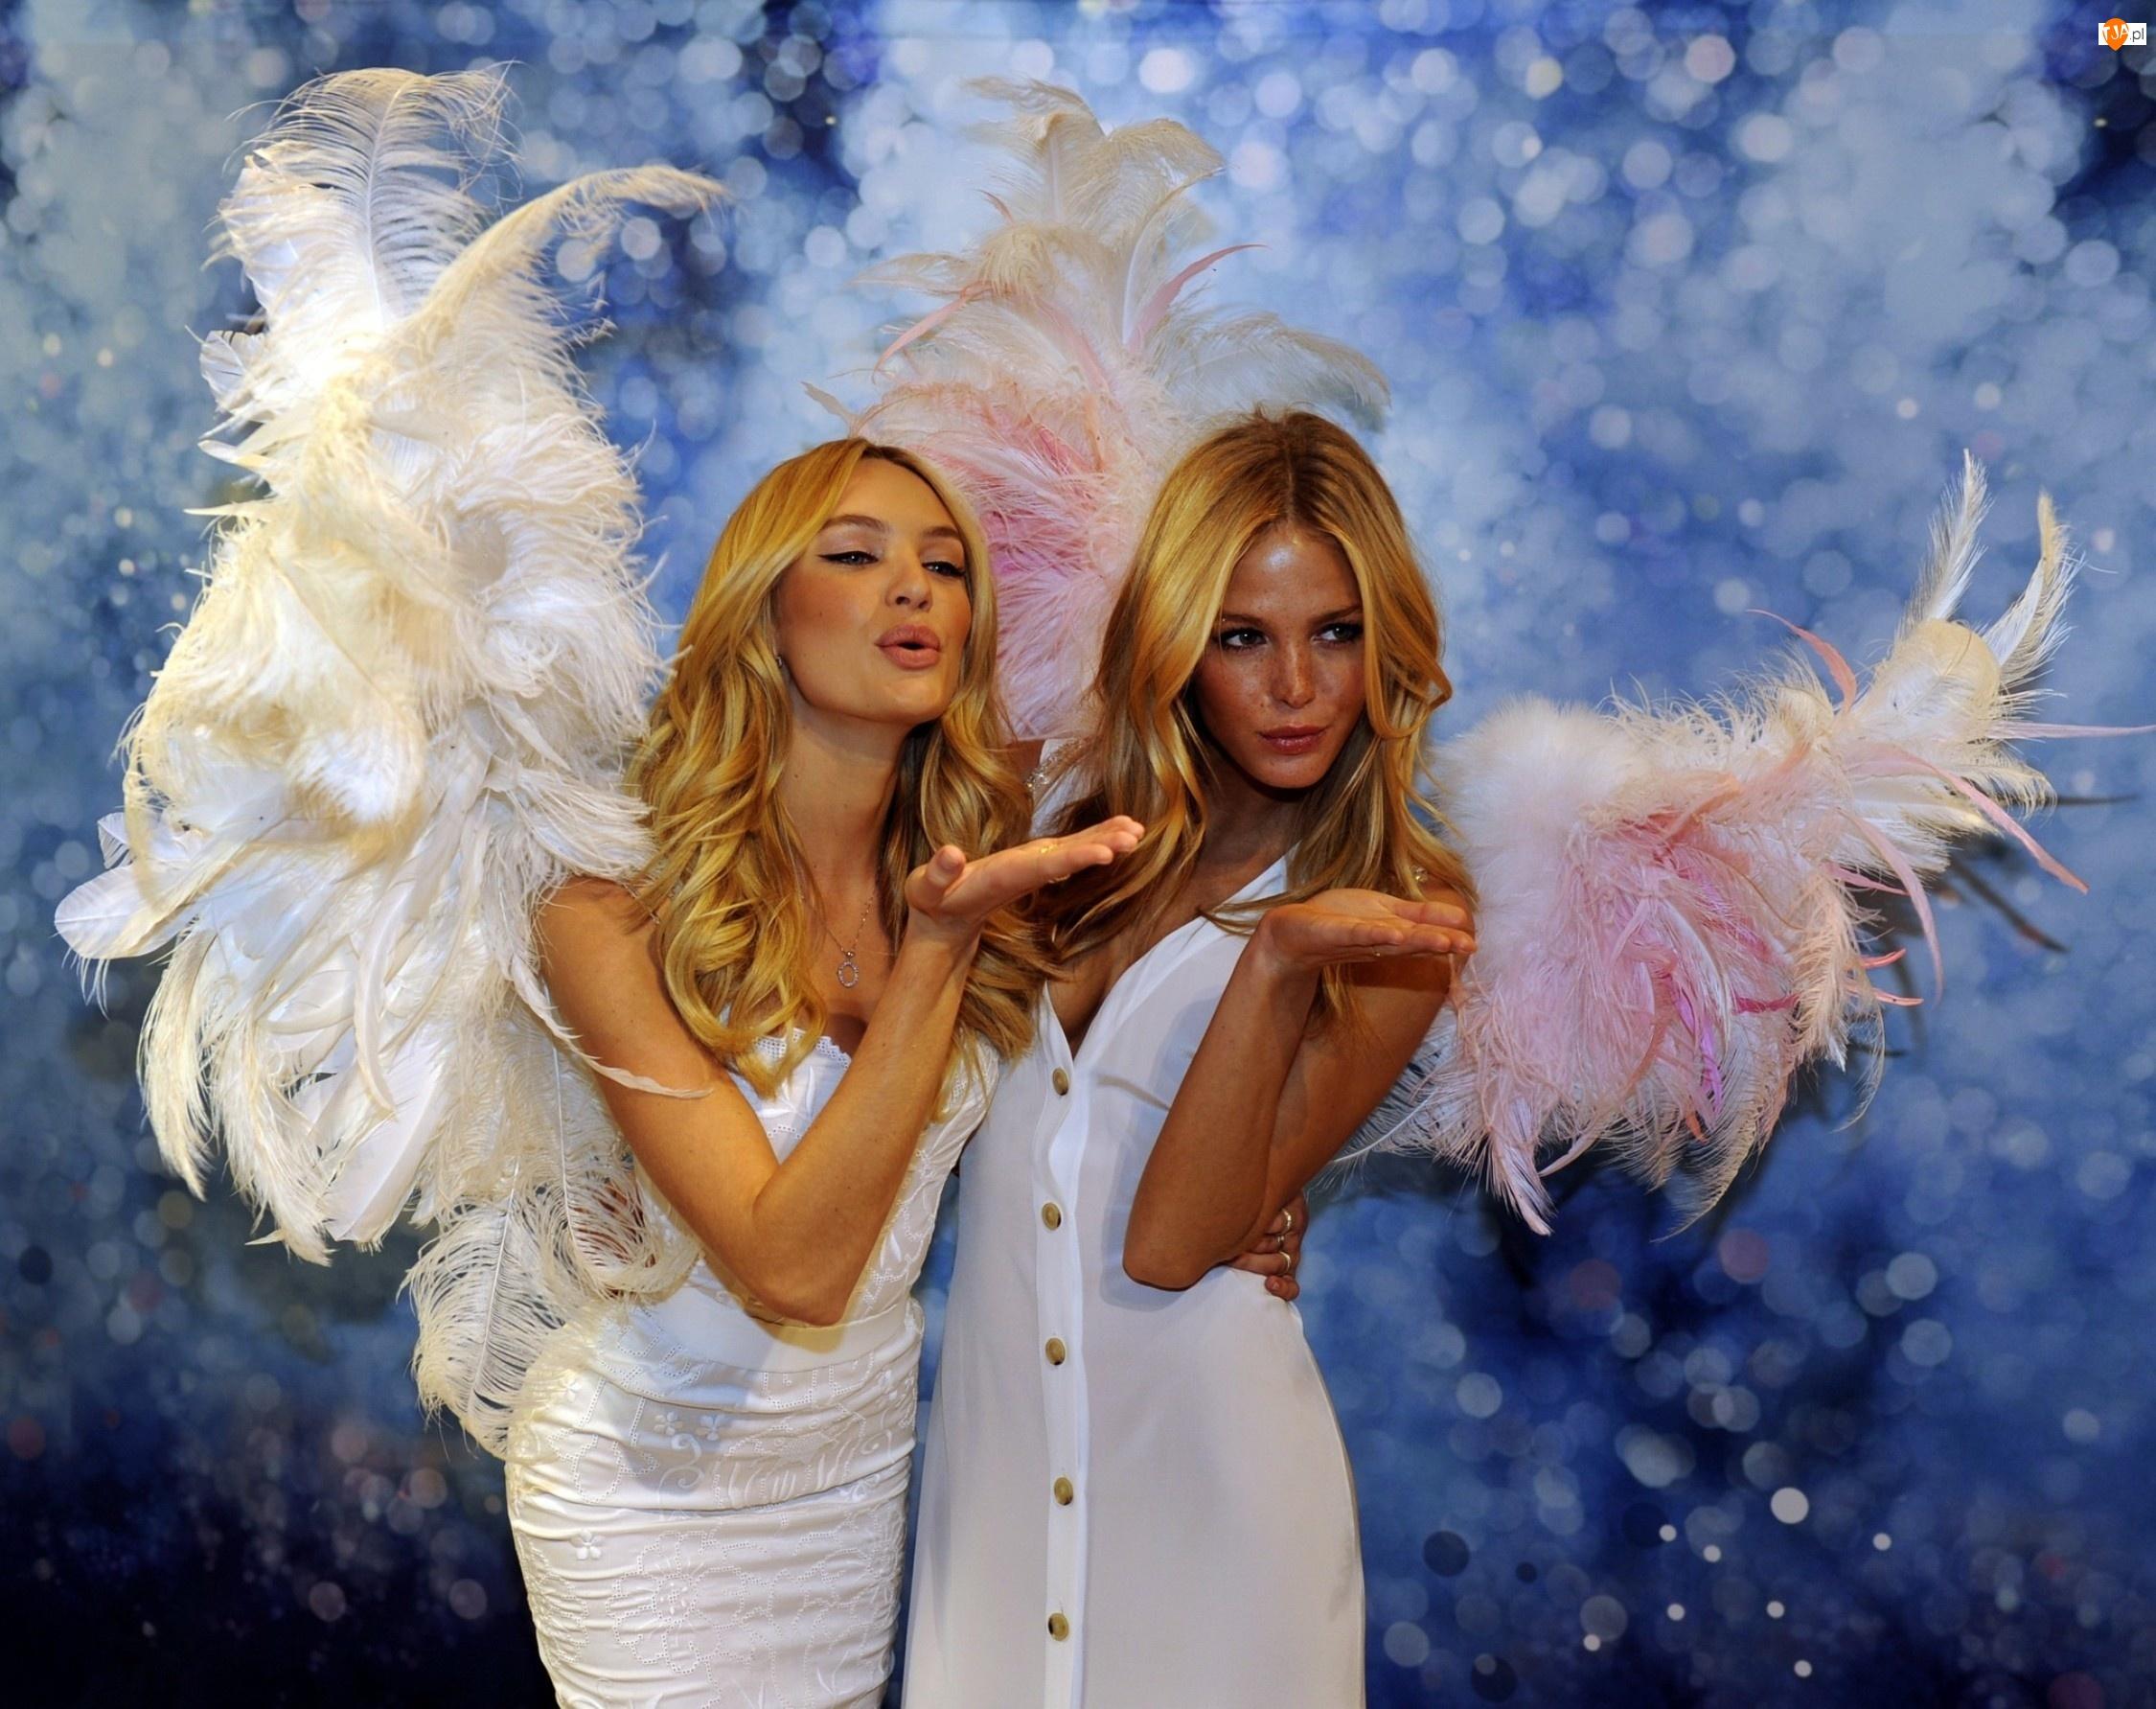 Candice Swanepoel, Modelki, Erin Heatherton